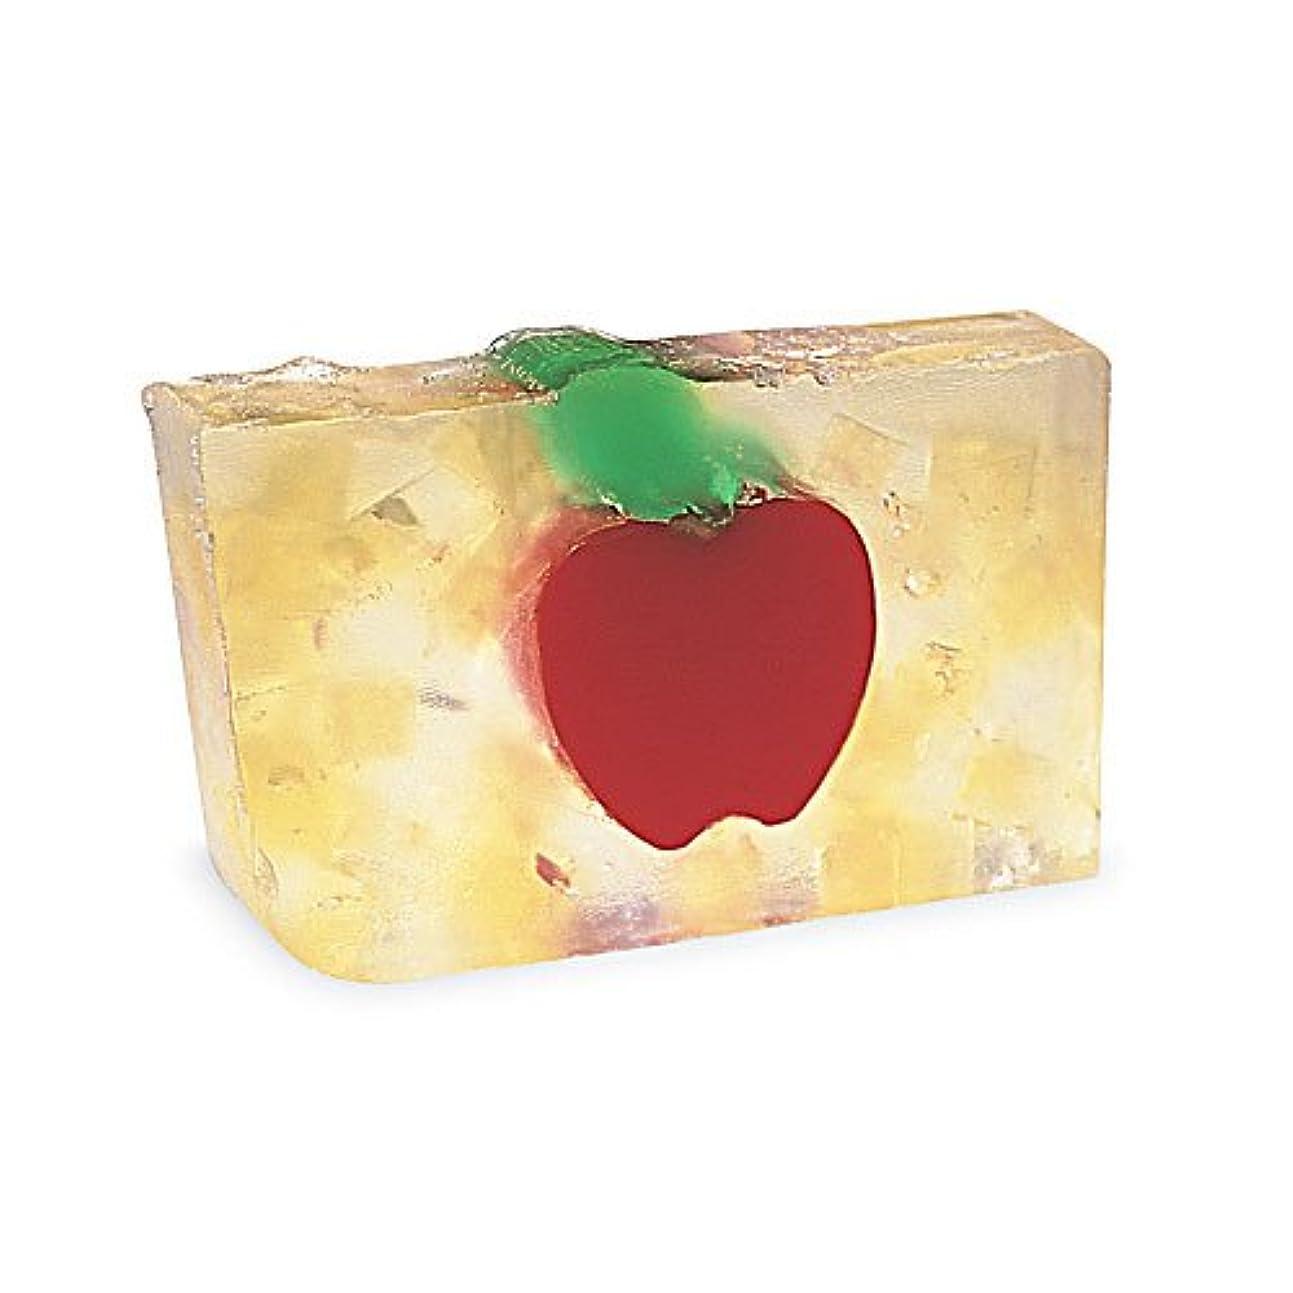 反対する早くダーツプライモールエレメンツ アロマティック ソープ ビッグアップル 180g 植物性 ナチュラル 石鹸 無添加